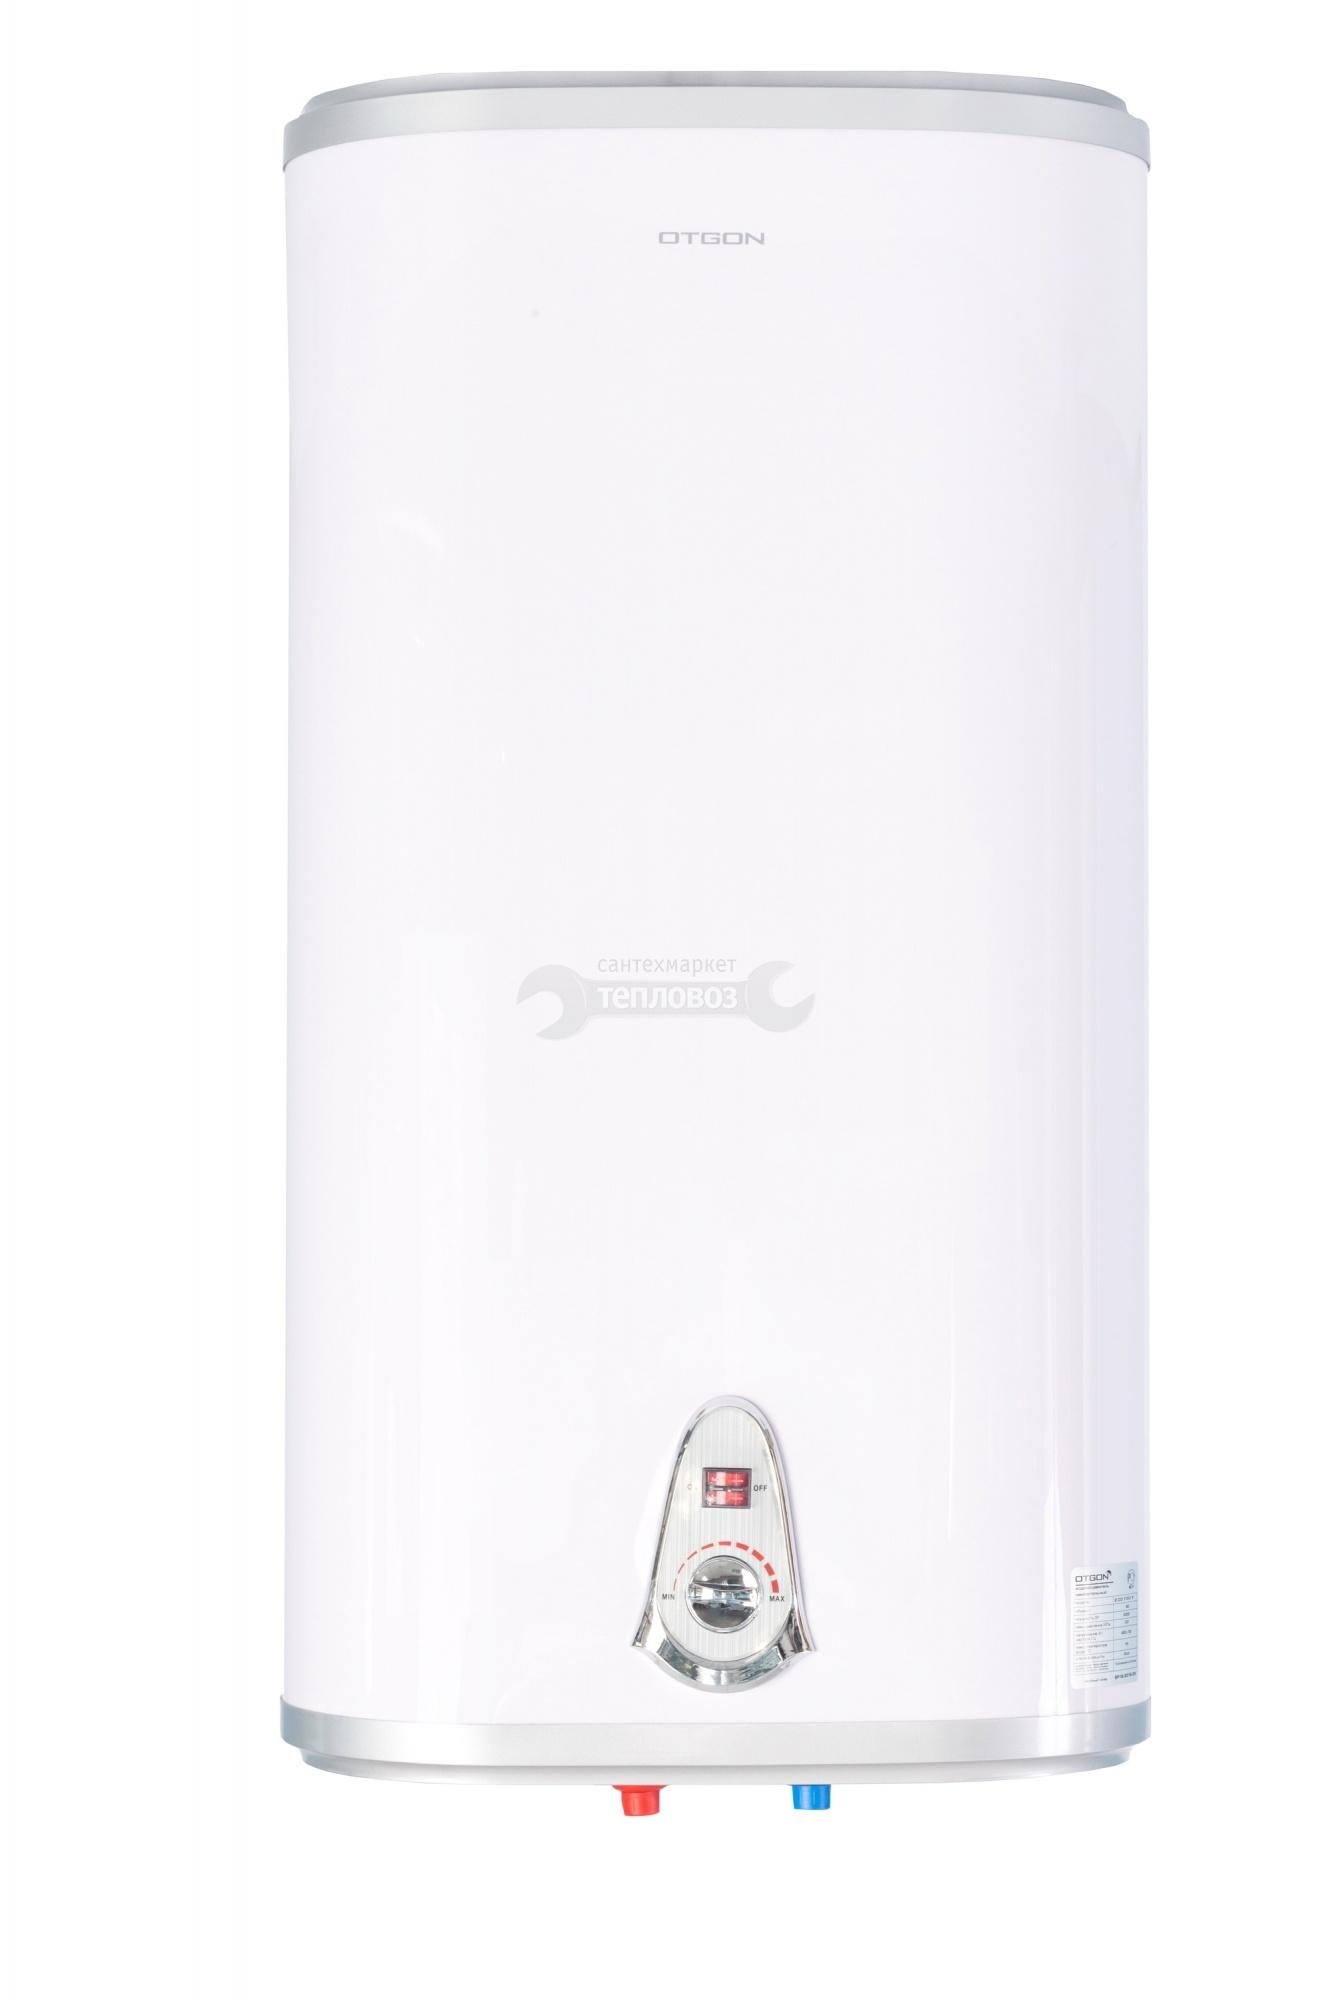 Otgon водонагреватель инструкция